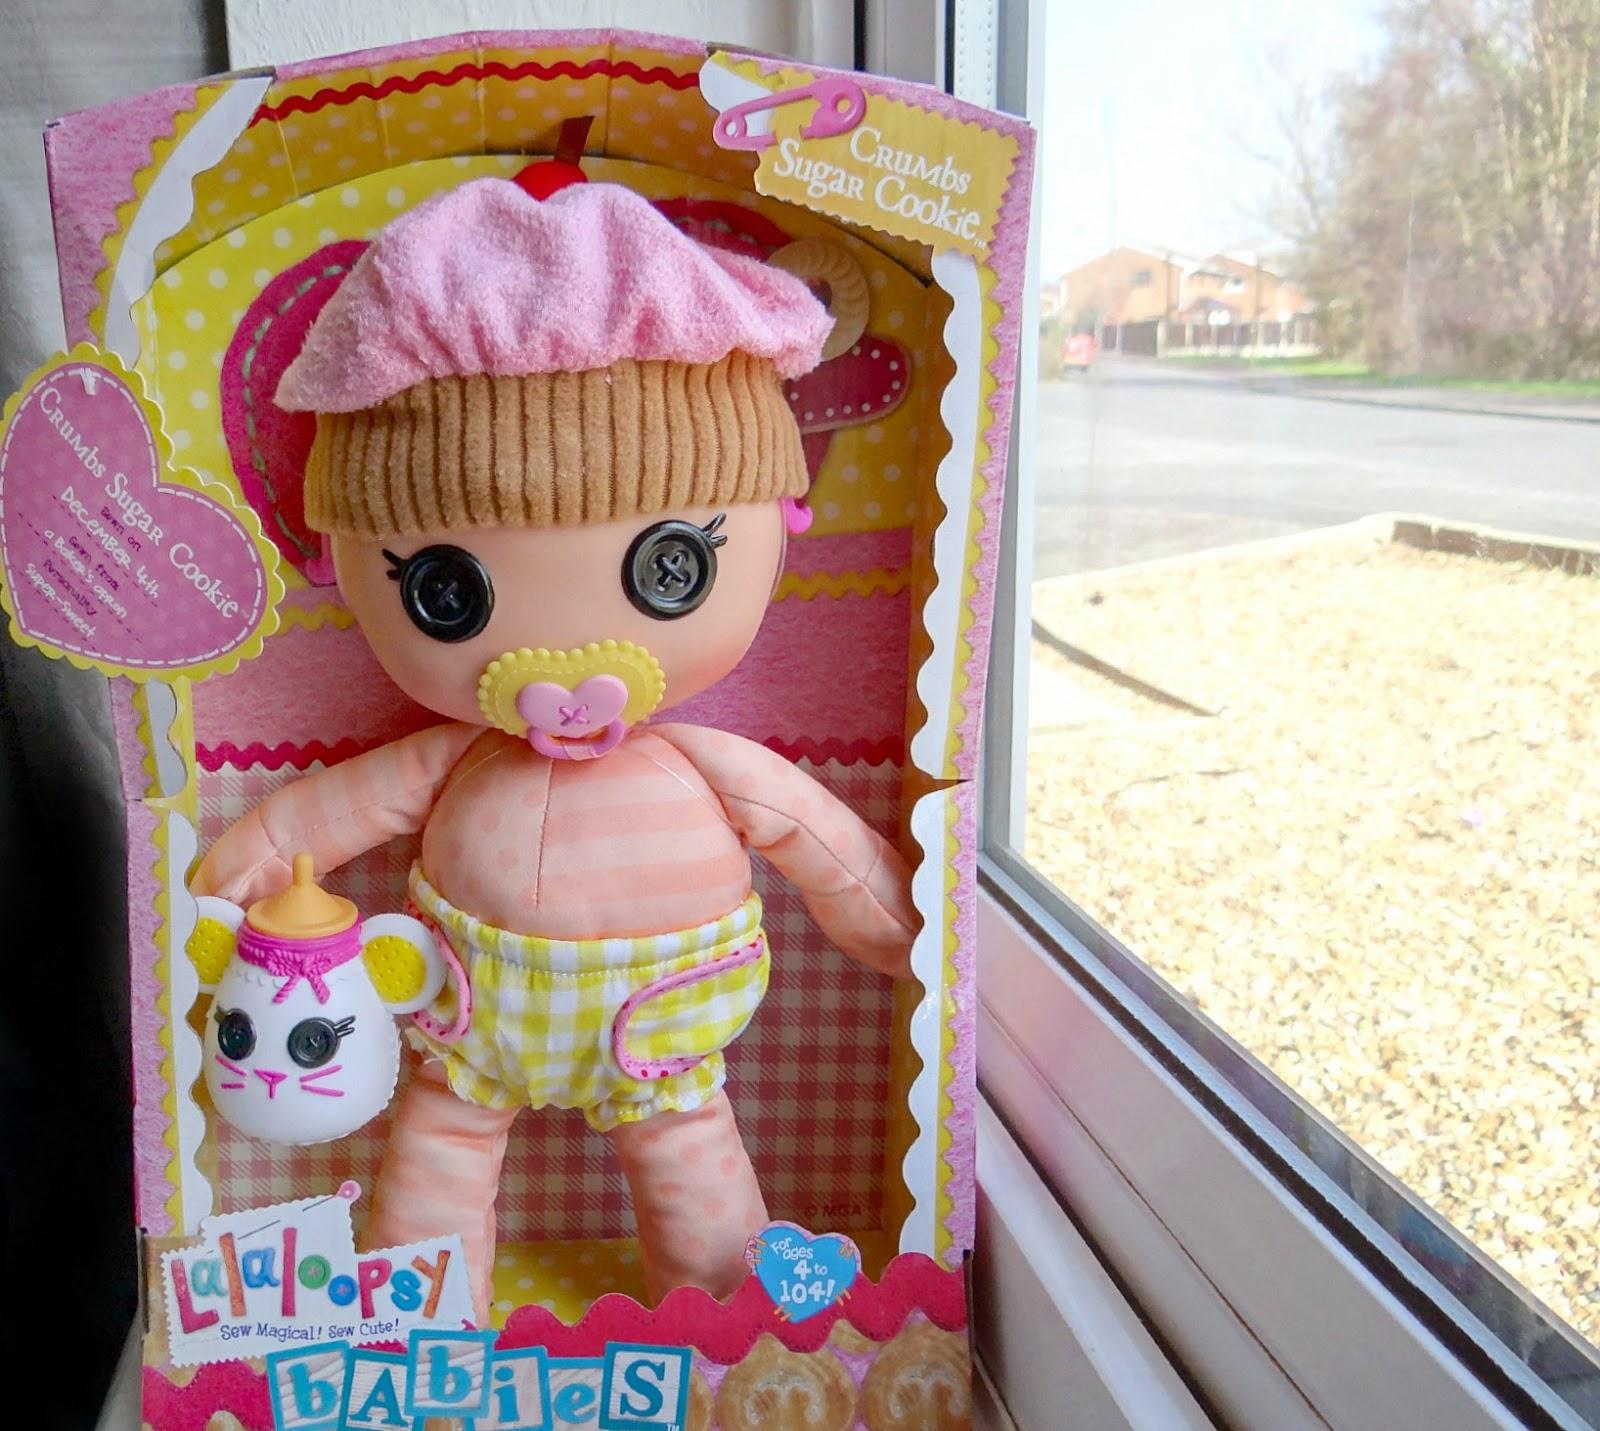 lalaloopsy babies Crumbs Sugar Cookie, baby dolls, lalaloopsy doll